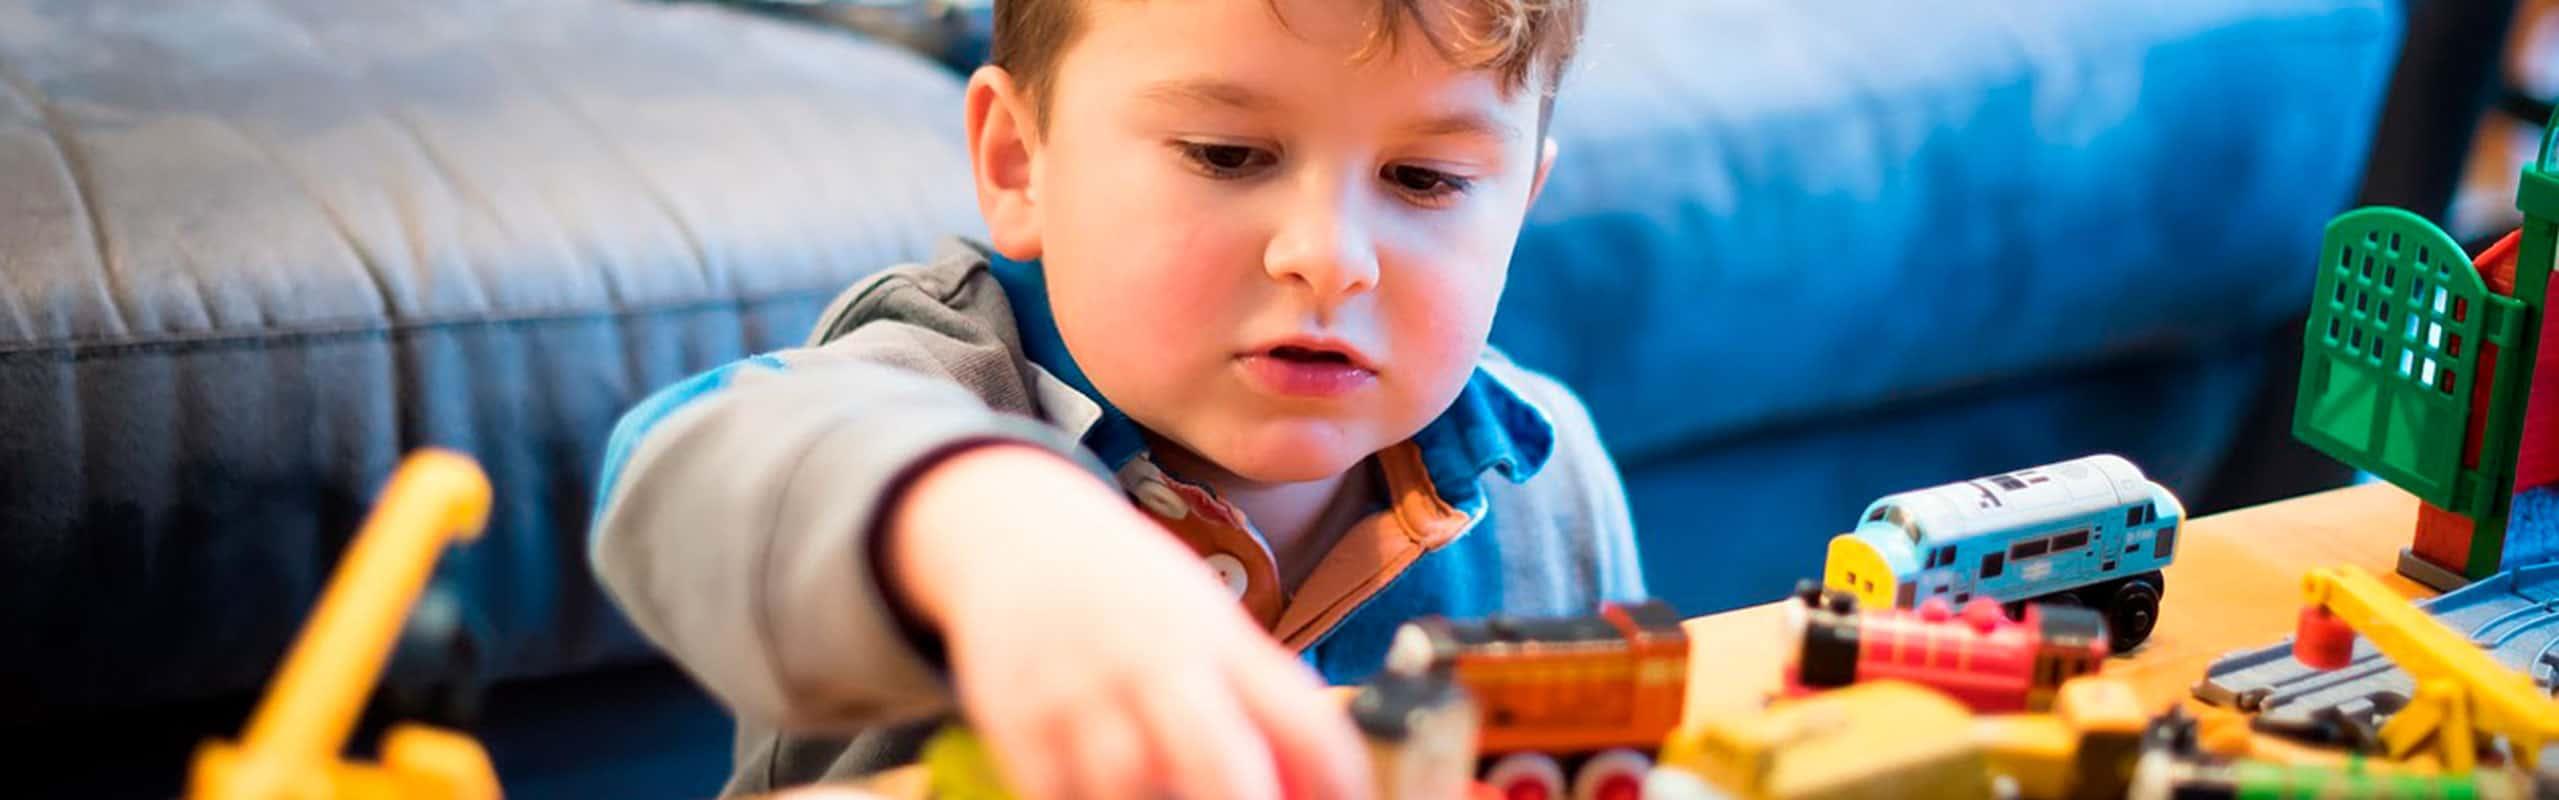 Aprende a detectar el tda en niños